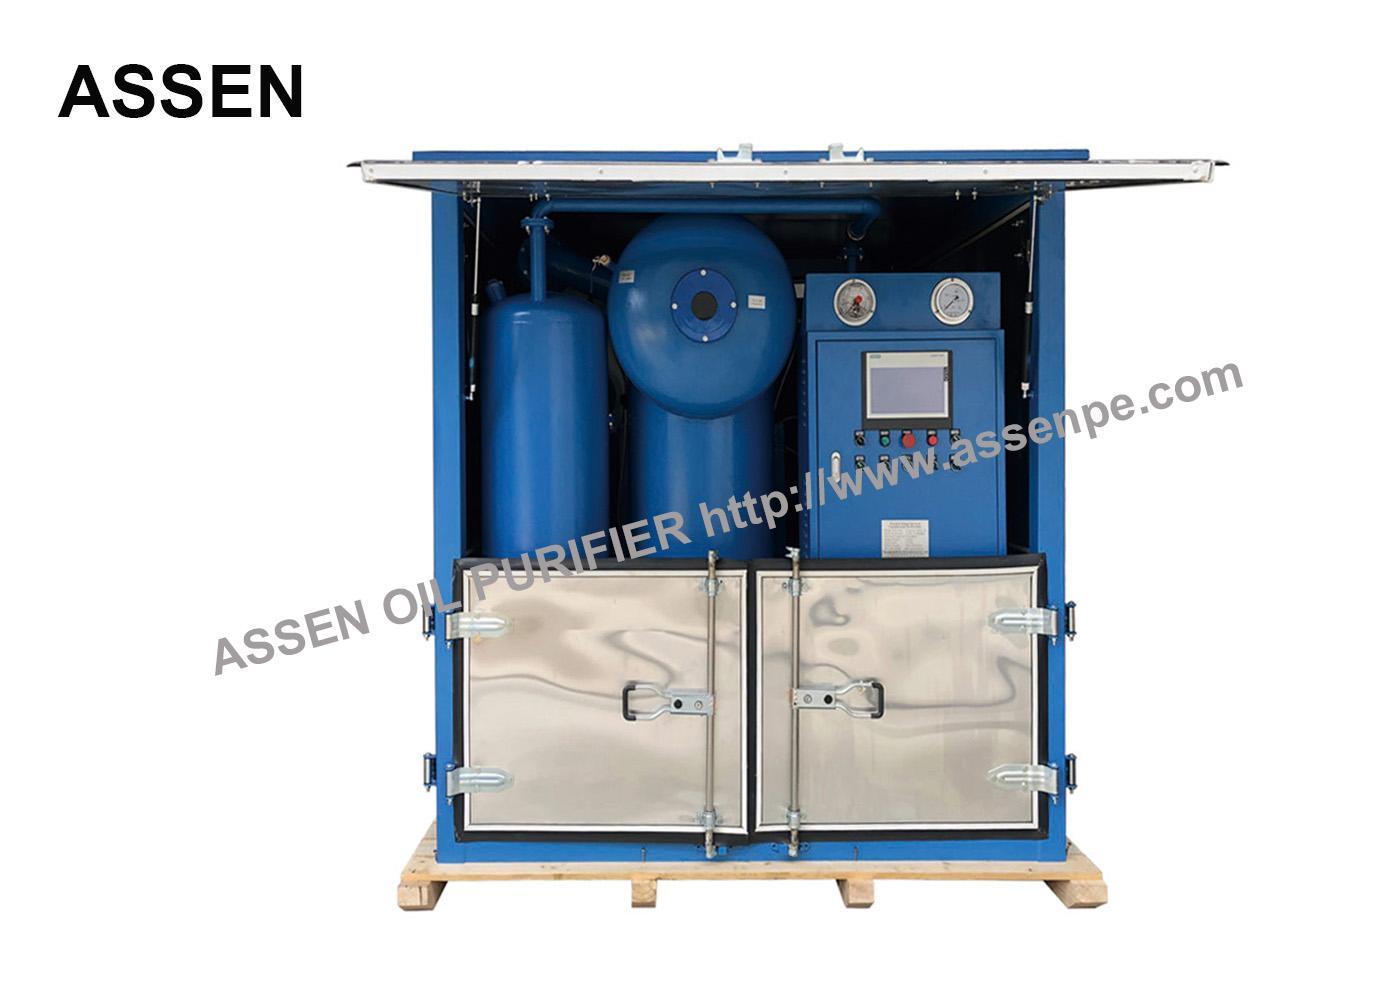 3000Liter/Hr High Efficiency Insulation Oil Purification System Machine 1